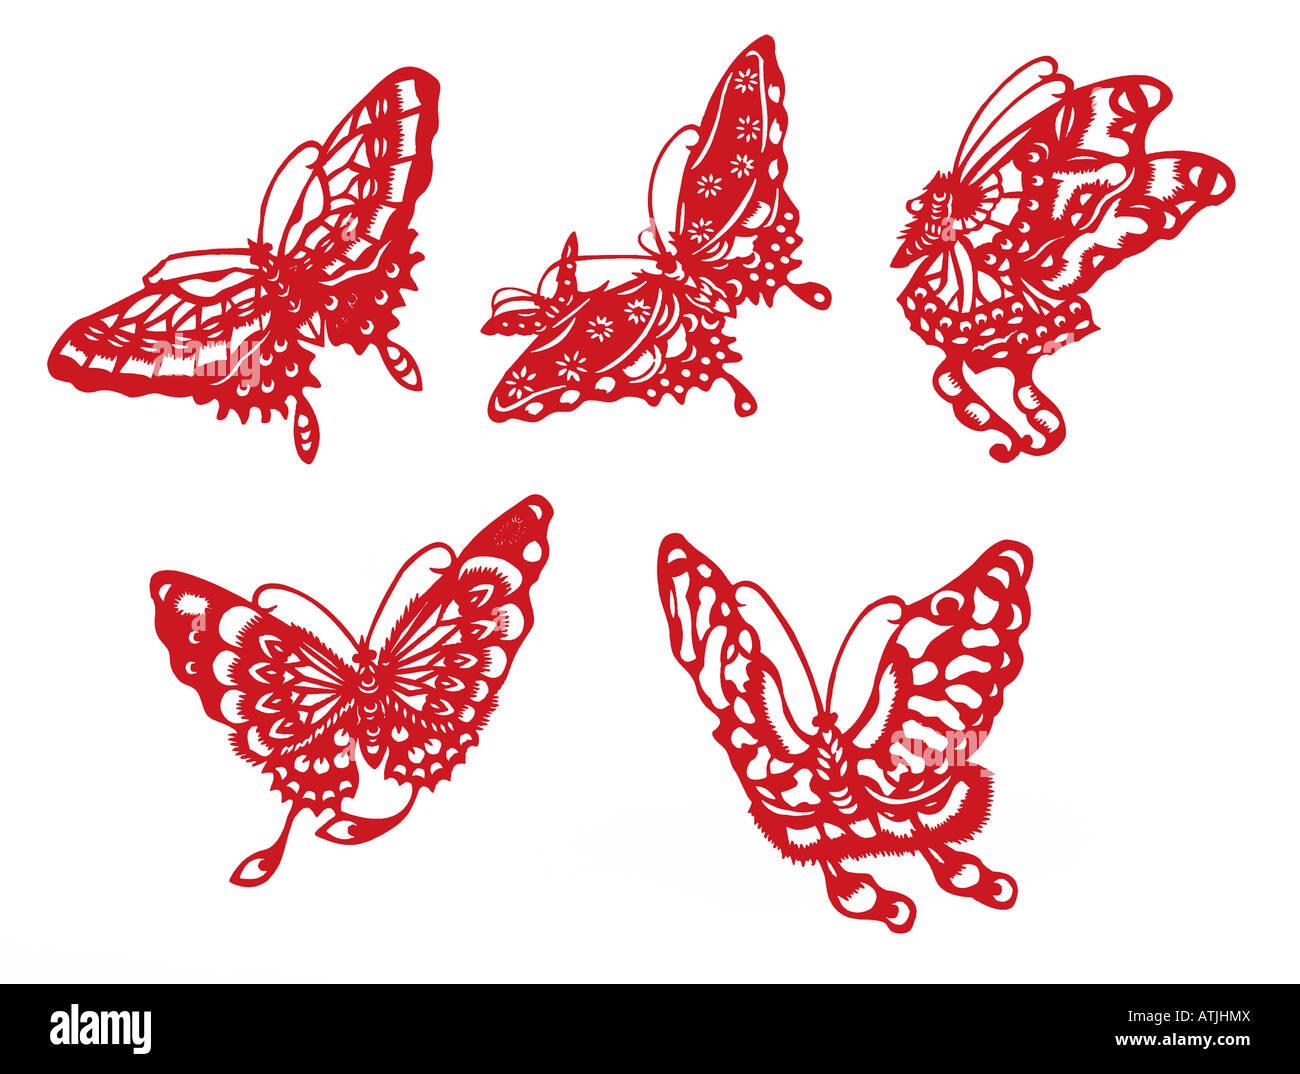 Silueta de mariposa con trazado de recorte Imagen De Stock